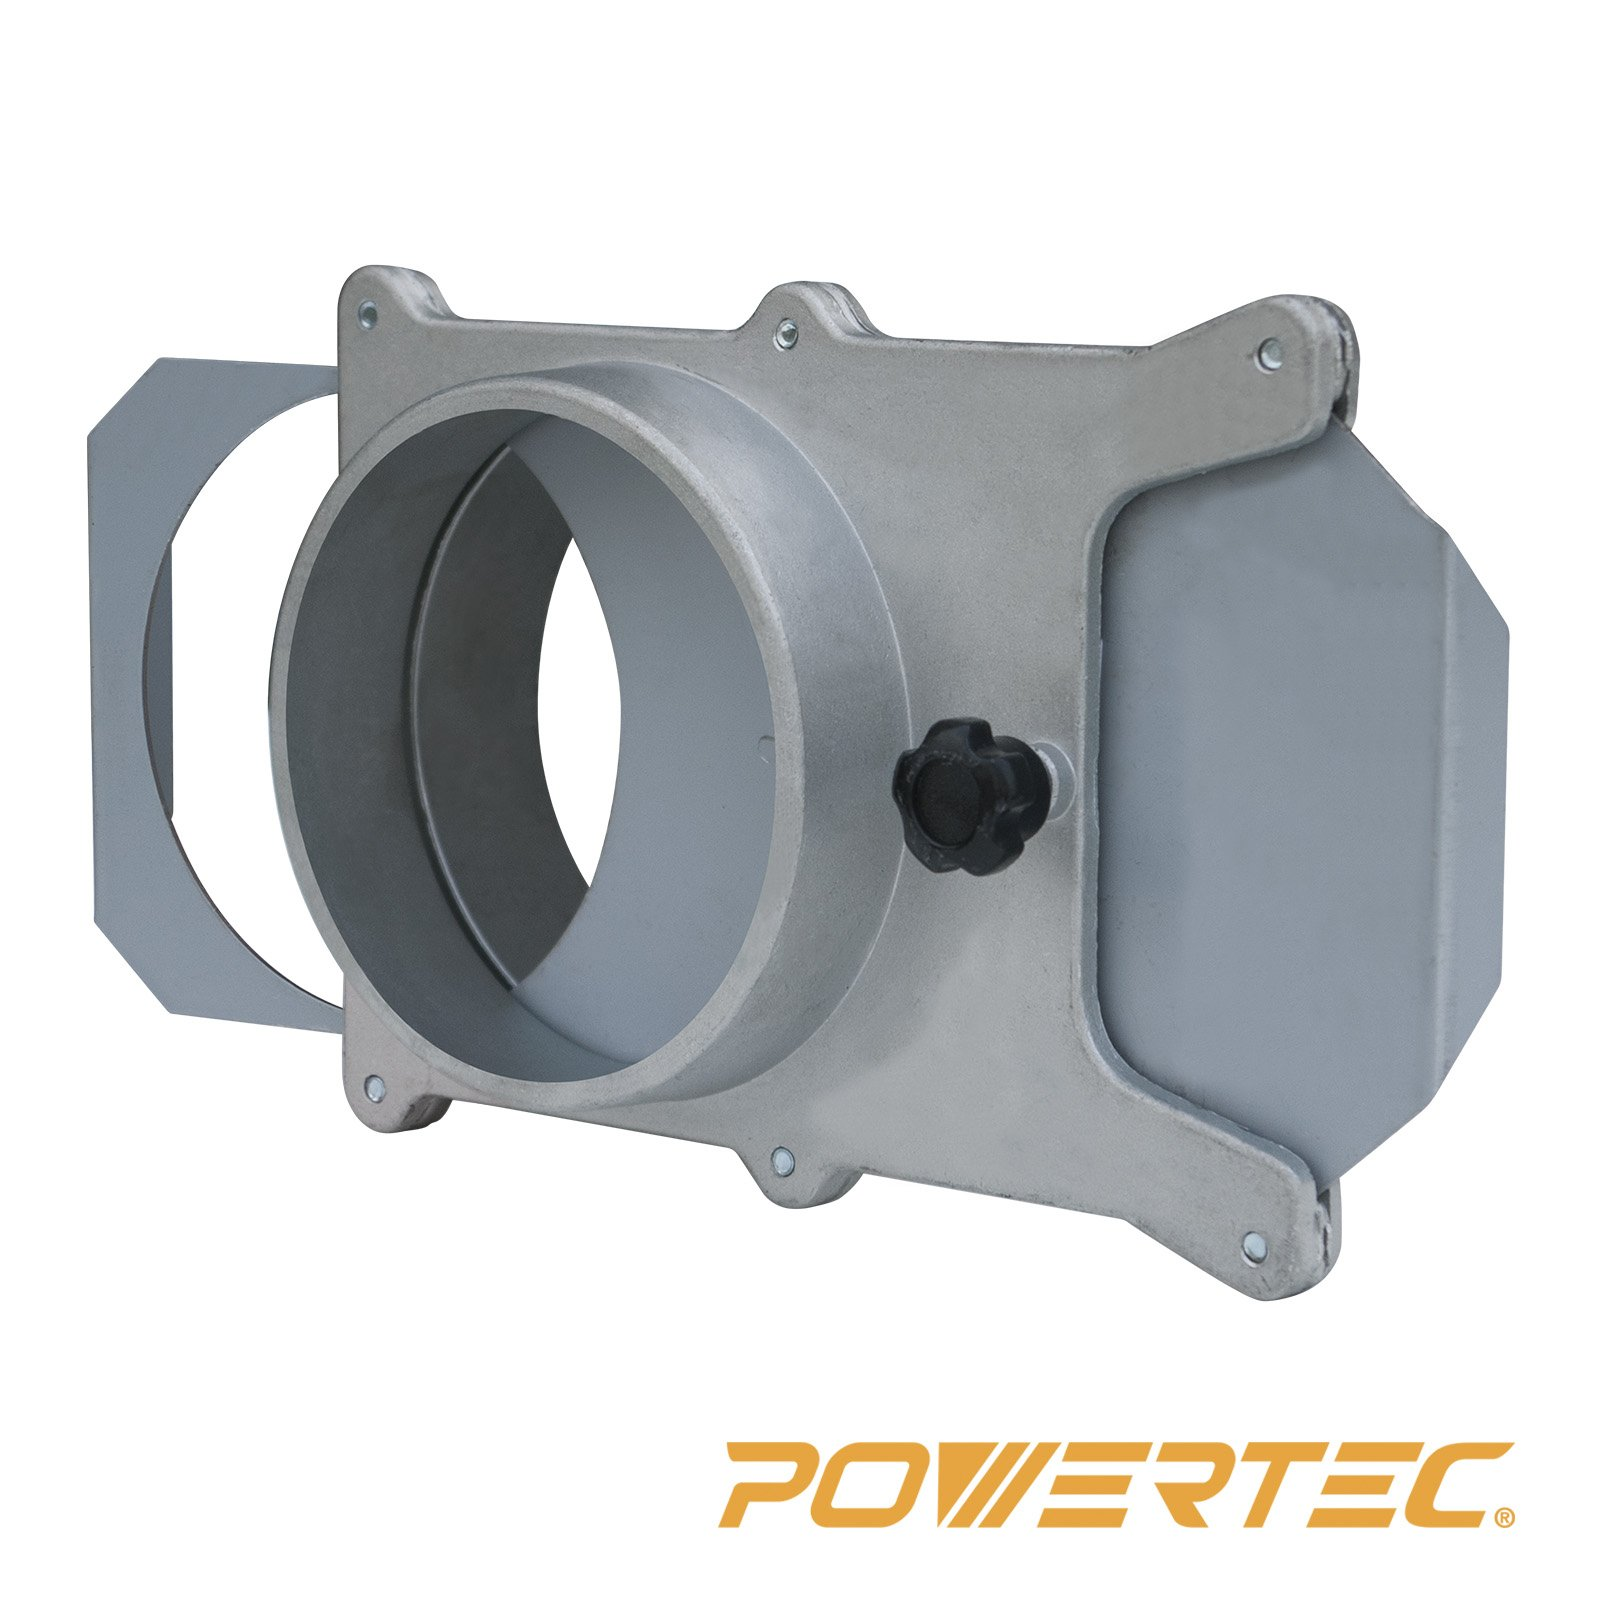 POWERTEC 70135 4-Inch Aluminum Blast Gate for Vacuum/Dust Collector